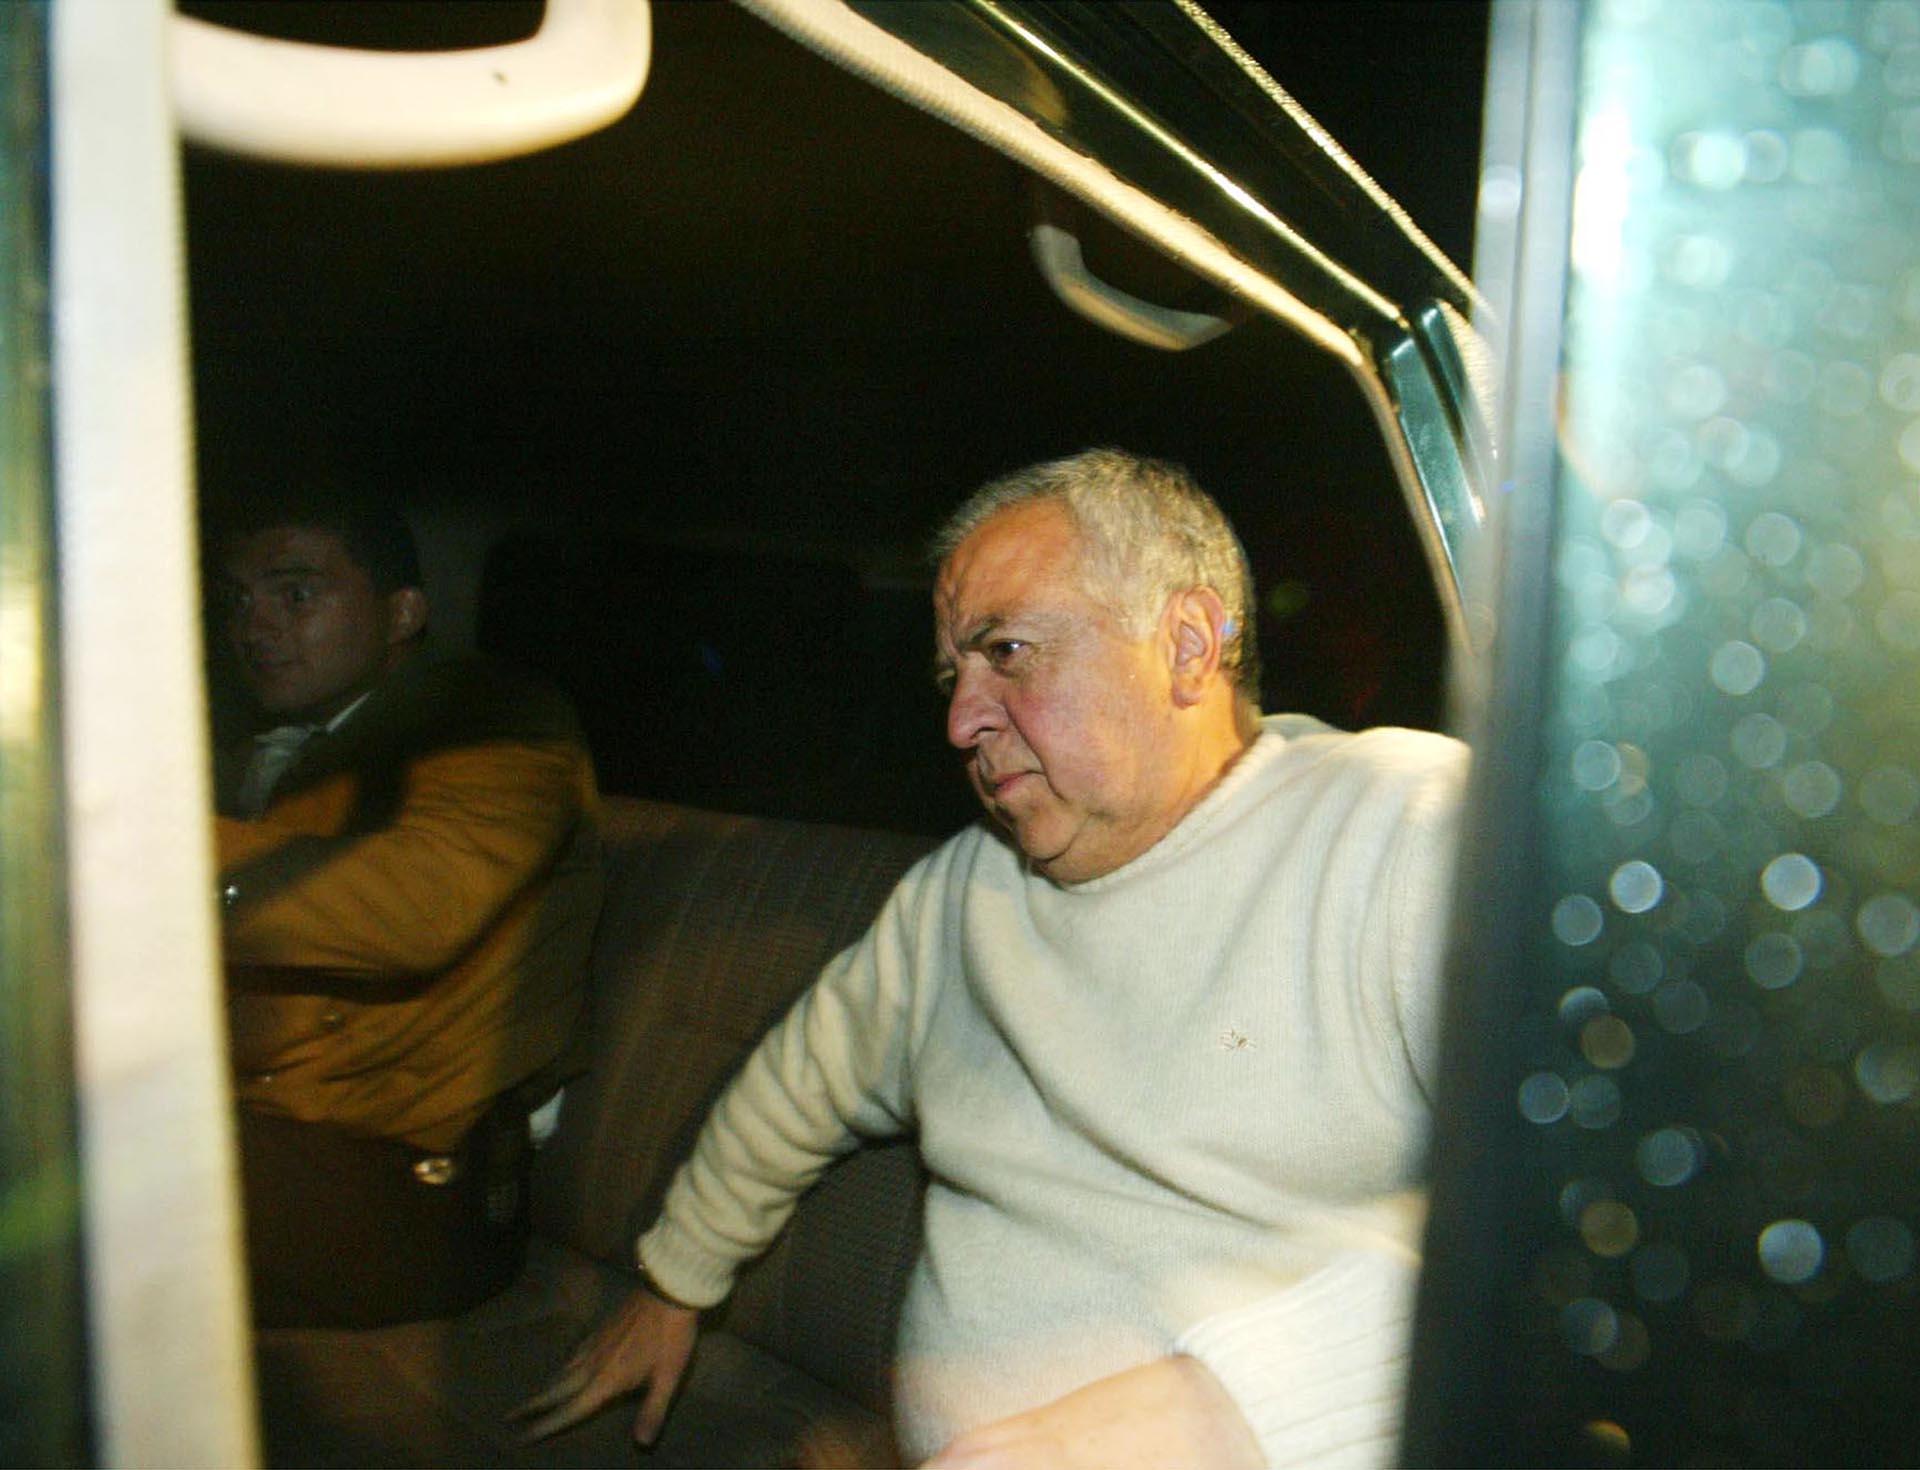 Gilberto Rodríguez Orejuela fue extraditado a Estados Unidos en diciembre de 2004. Fue sentenciado a 30 años de prisión (Getty Images)